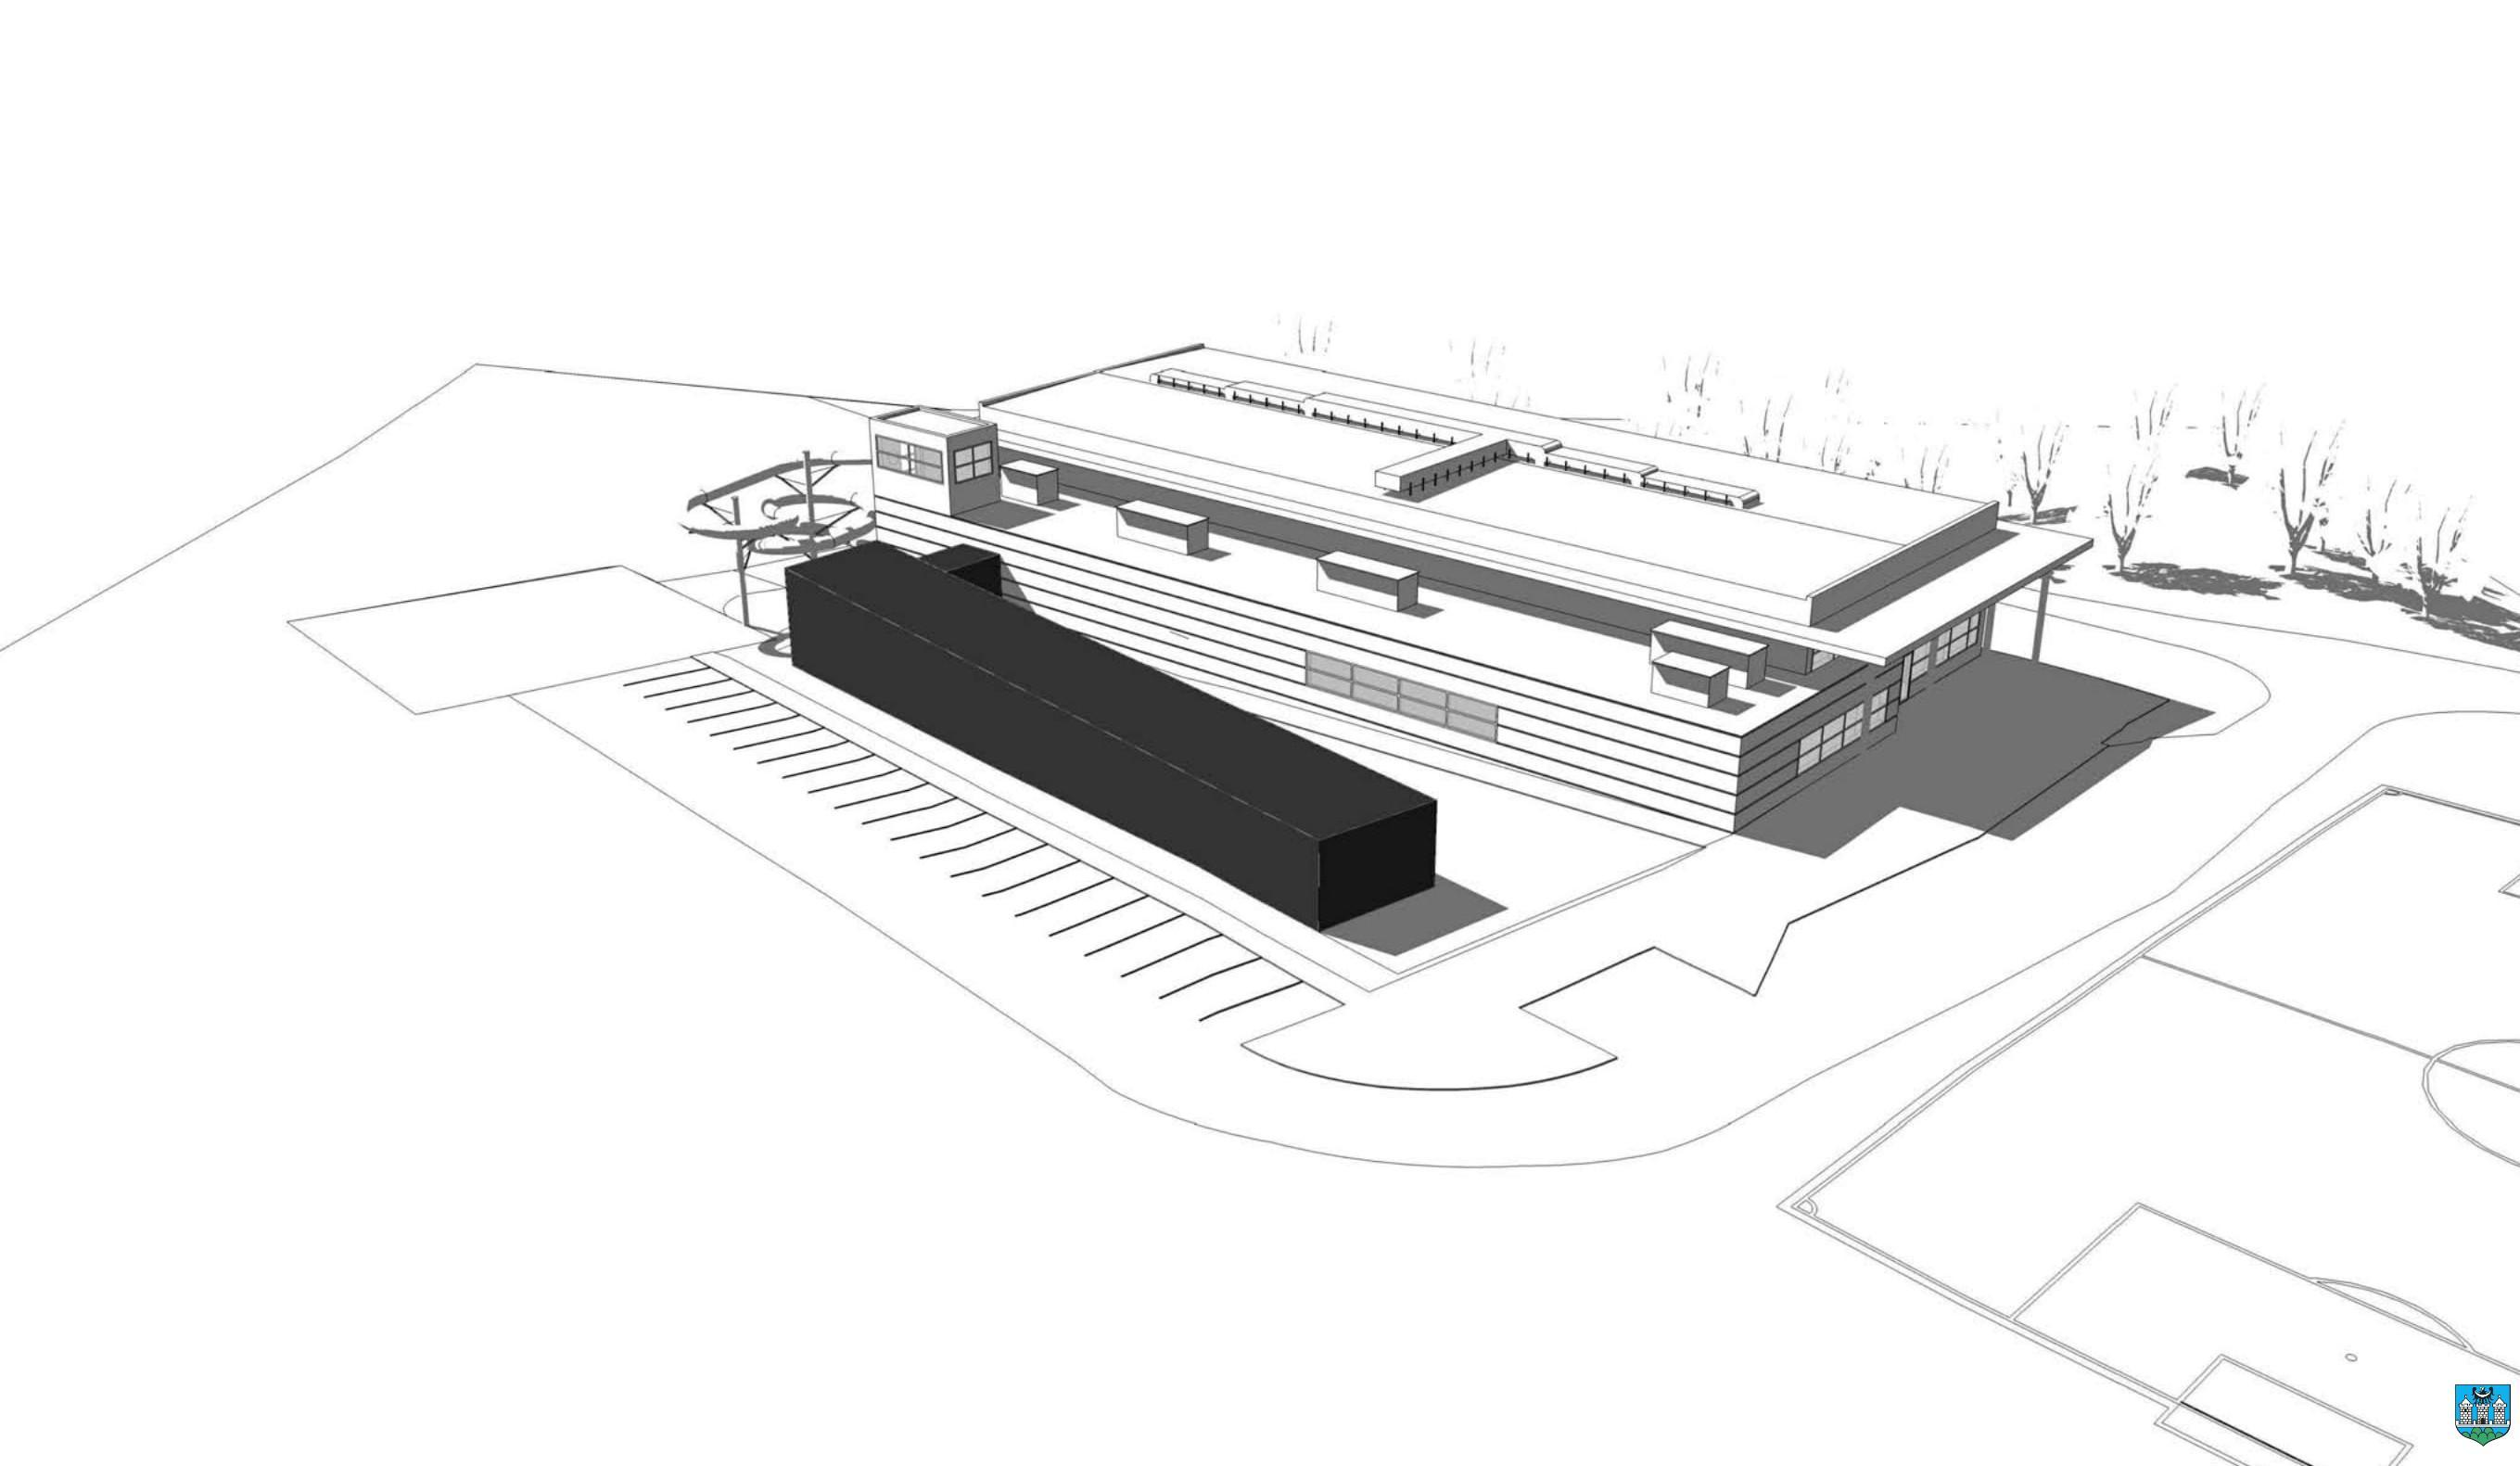 Jak będzie wyglądać saunarium w Ząbkowicach Śląskich? [wizualizacje] - Zdjęcie główne